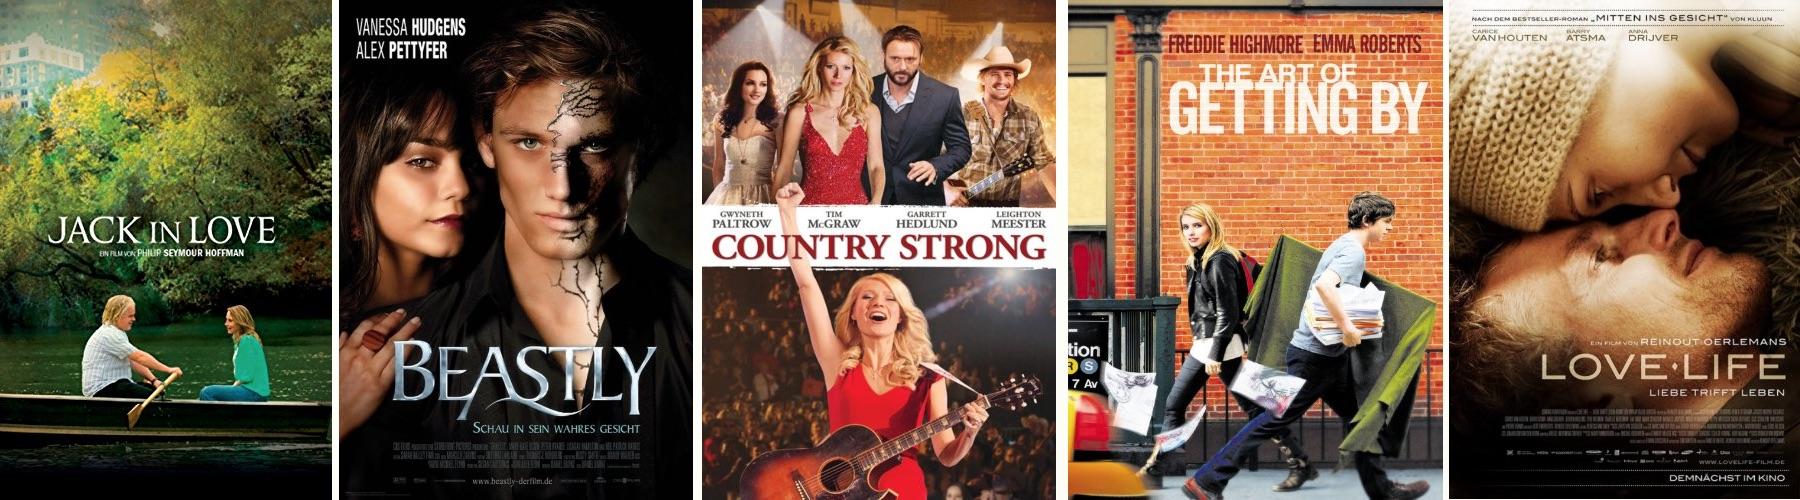 Alle Liebesfilme des Jahres 2011